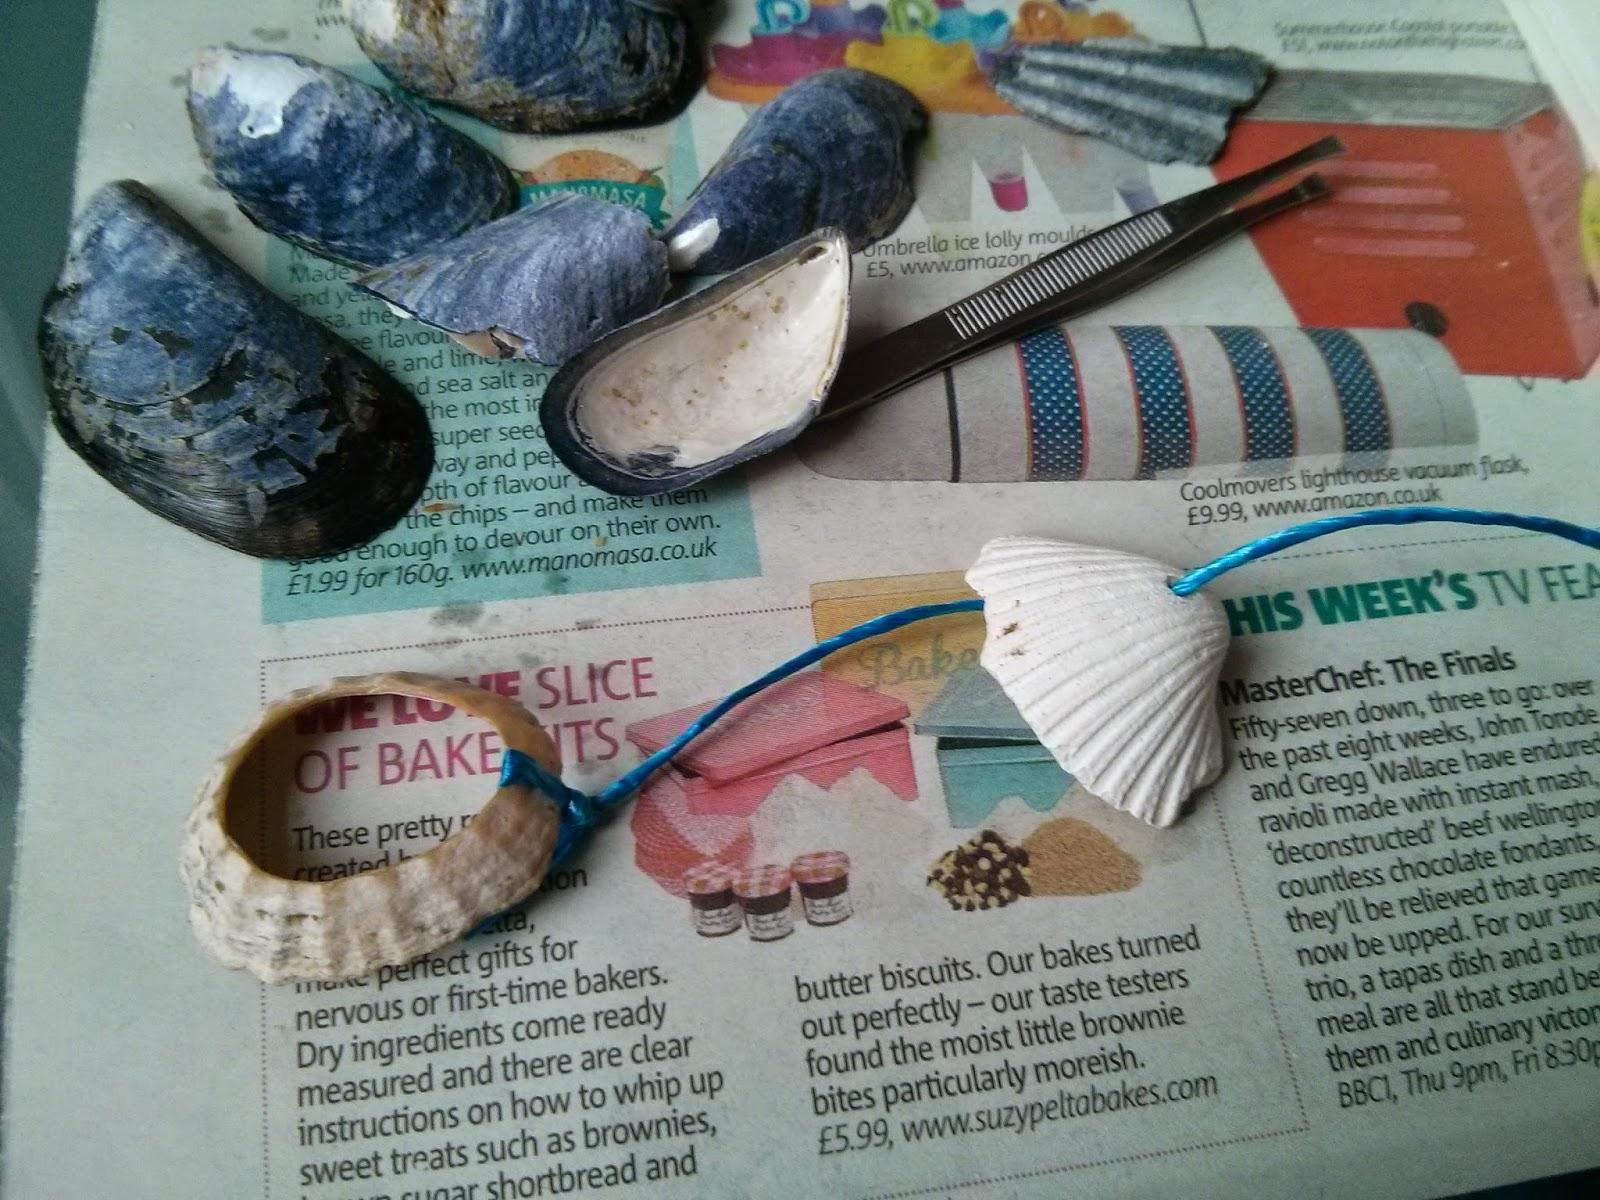 Felfűzött kagylók a kagylófüggönyhöz